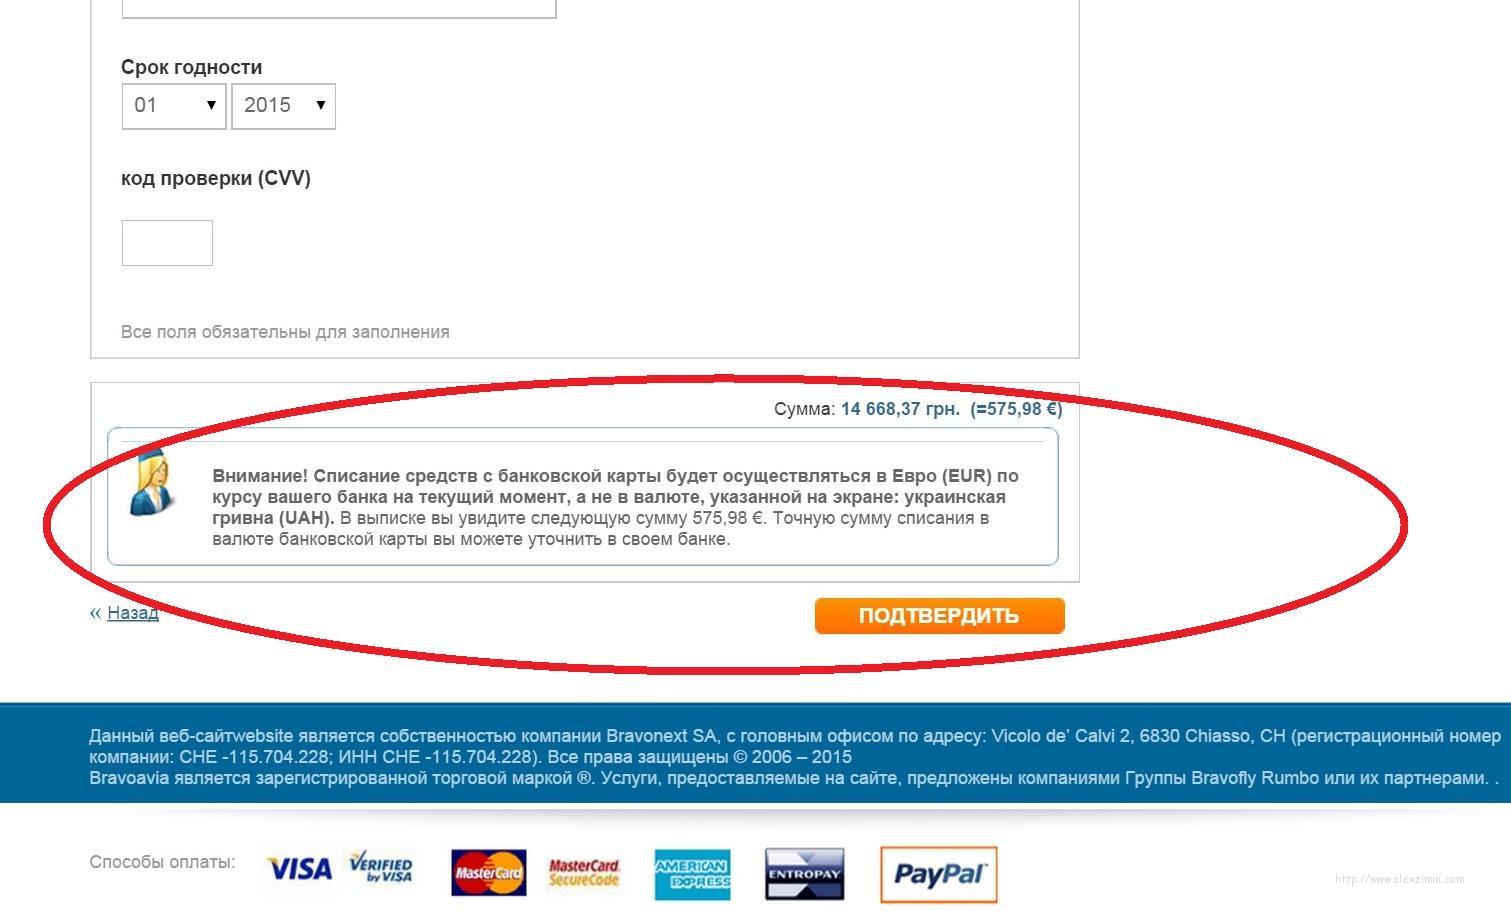 Билеты на самолет эконом класса в черногорию на август 2014 билеты на самолет lufthansa г.екатеринбург